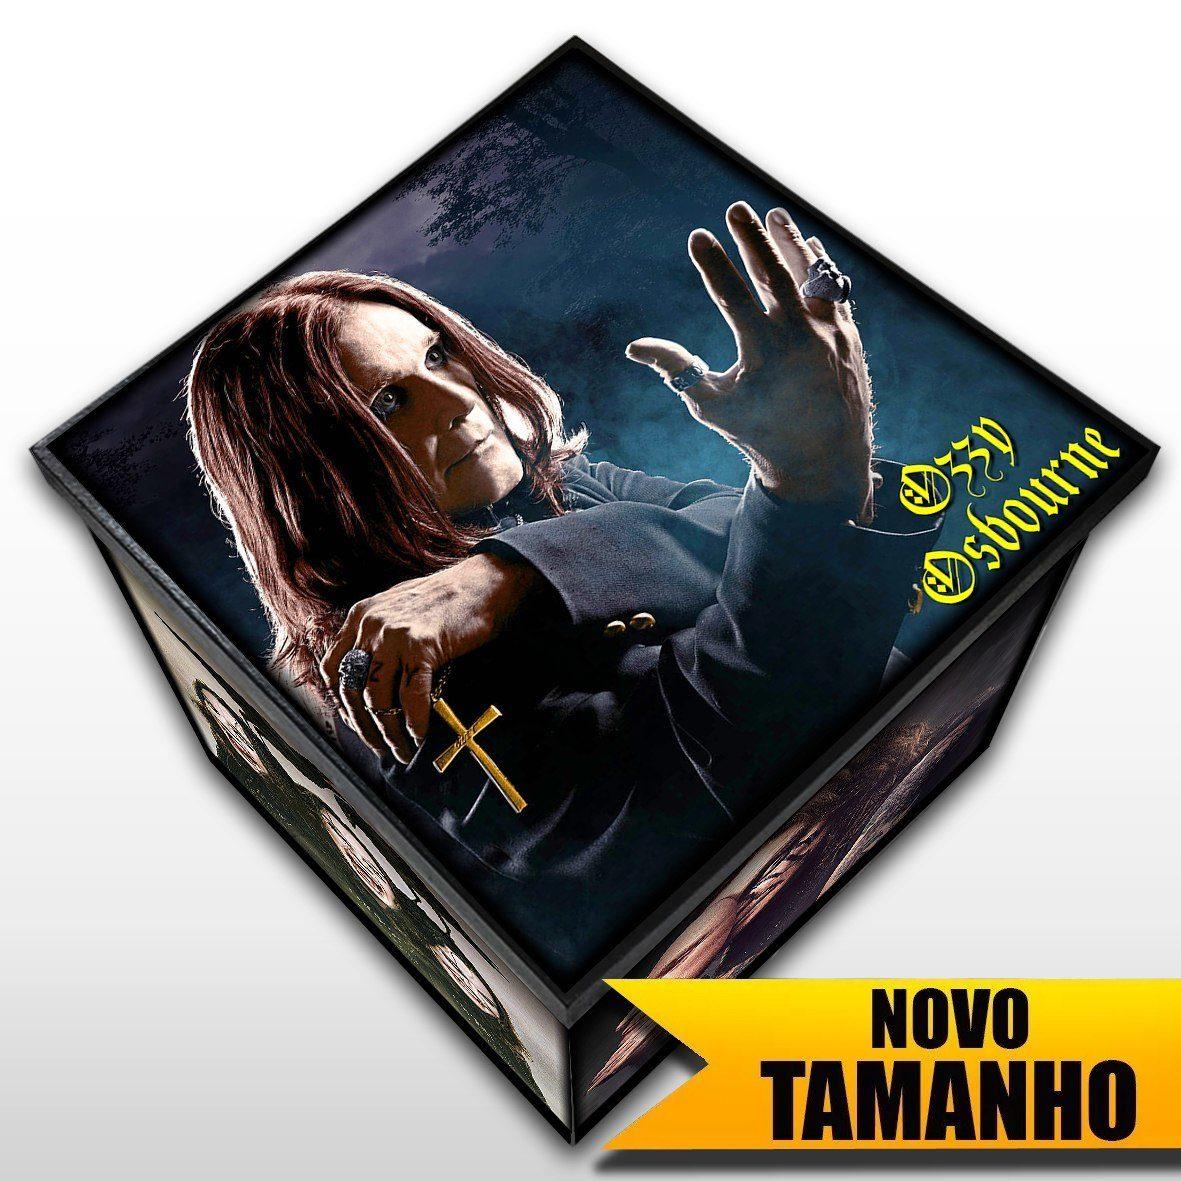 Ozzy Osbourne - Caixa em Madeira MDF - Tamanho Grande - Mr. Rock